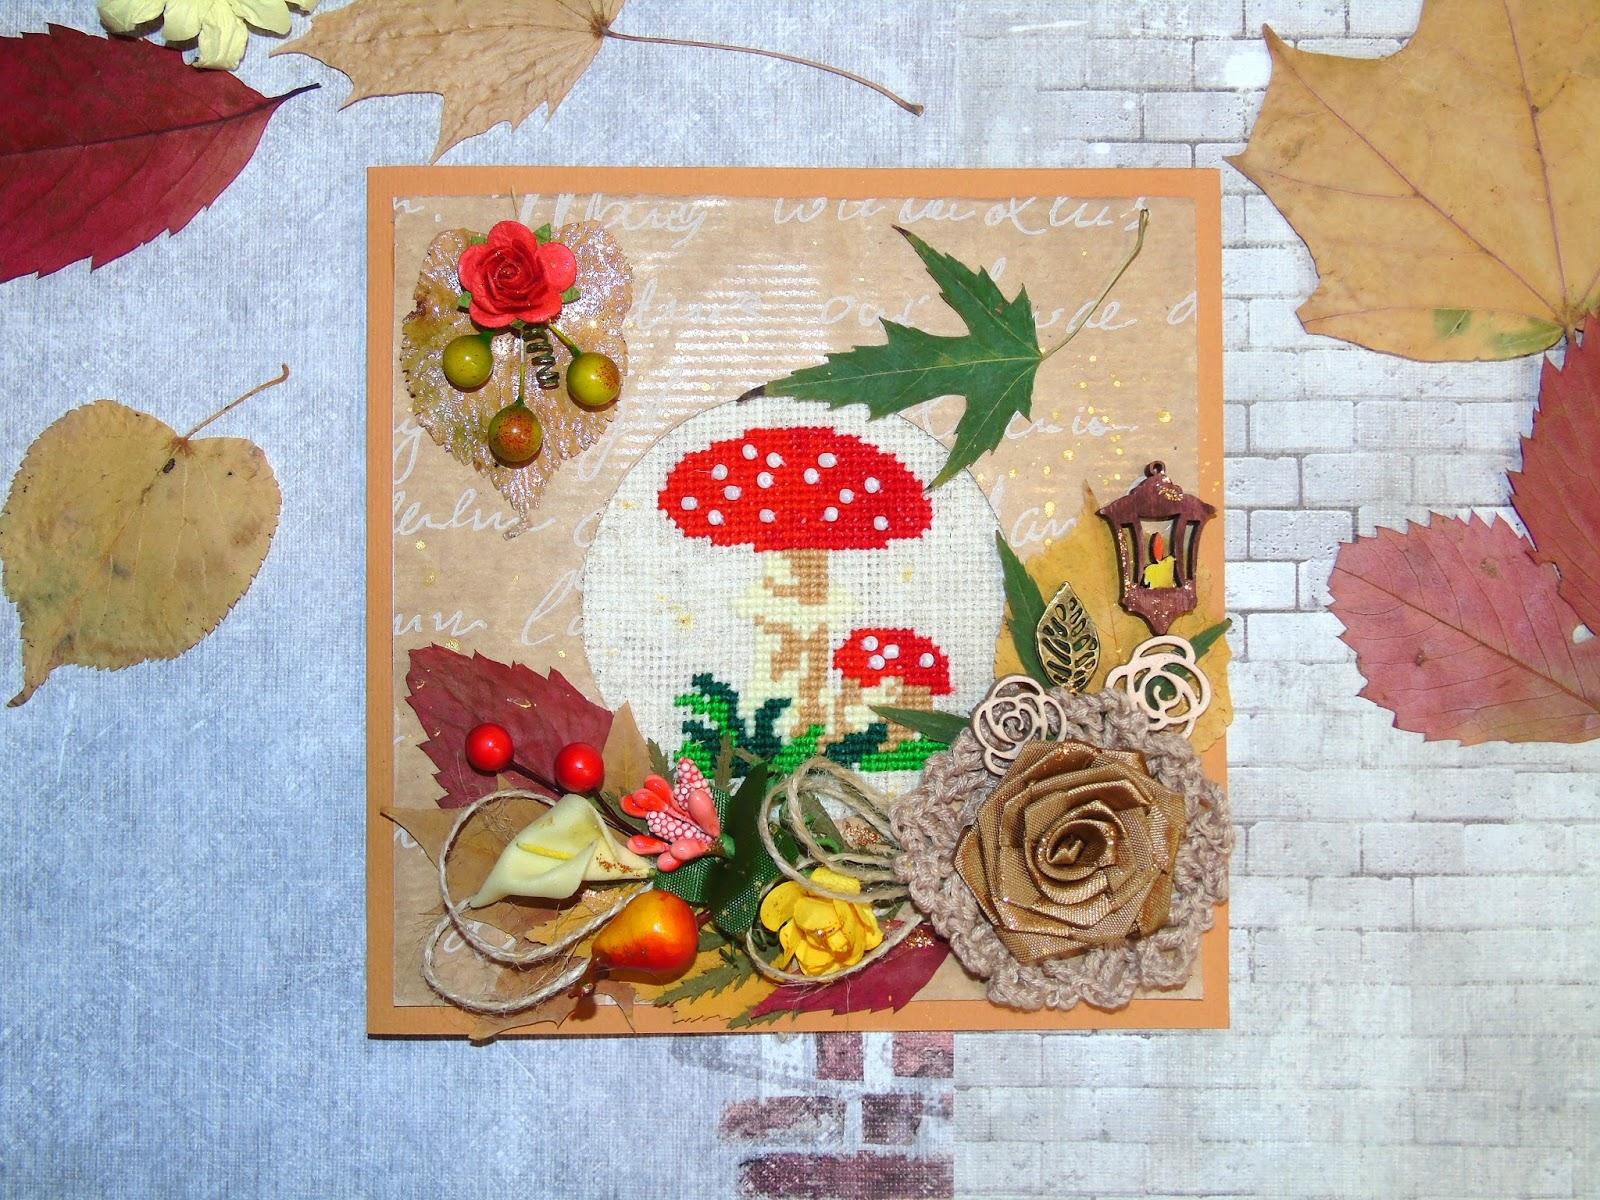 Осень как сделать открытку, делают дети